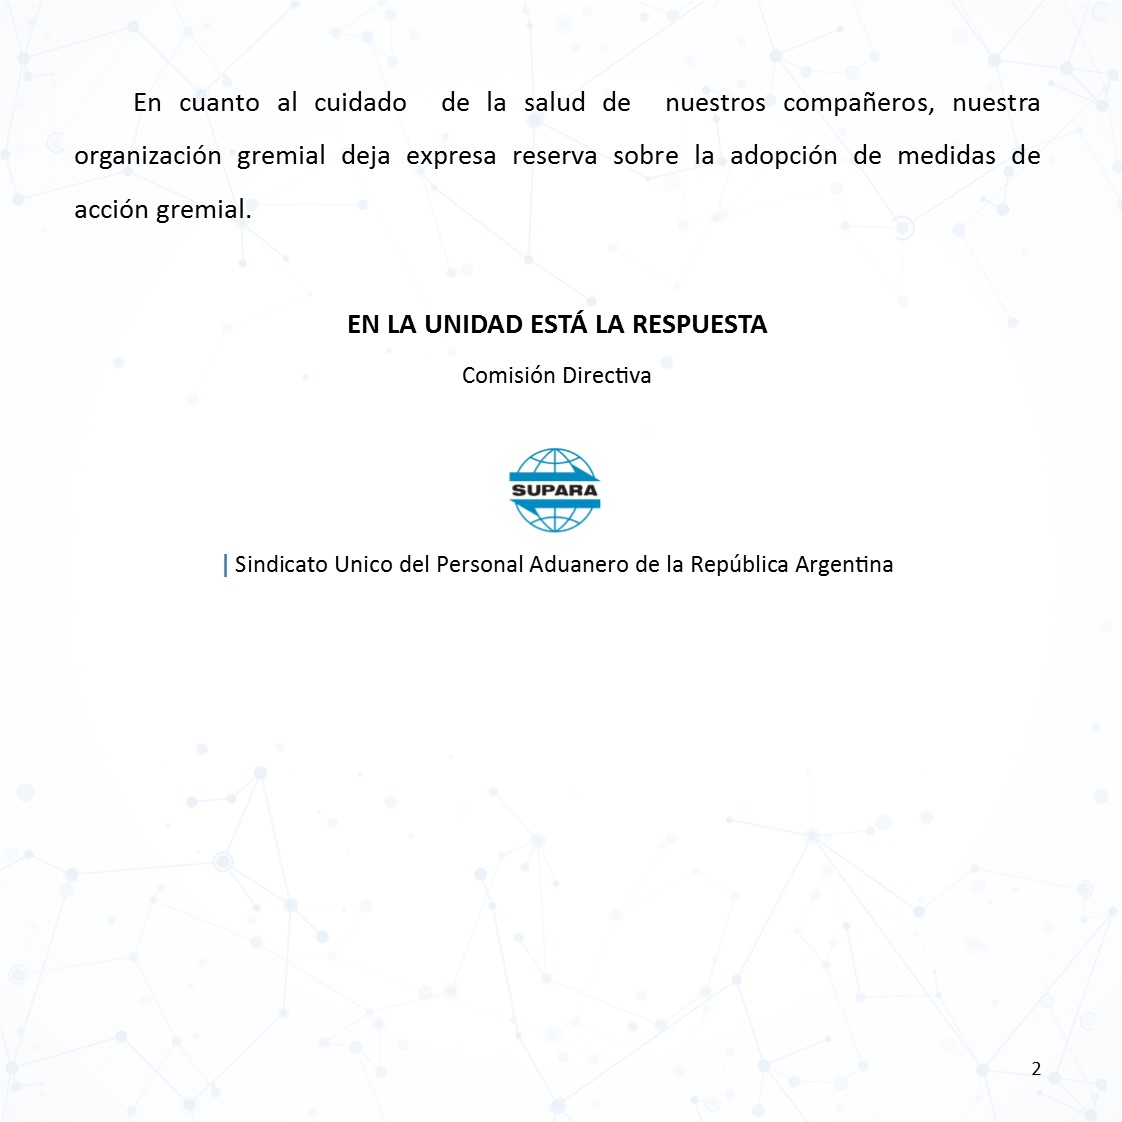 2021 04 12 URGENTE REUNIÓN DEL COMITE DE CRISIS 2